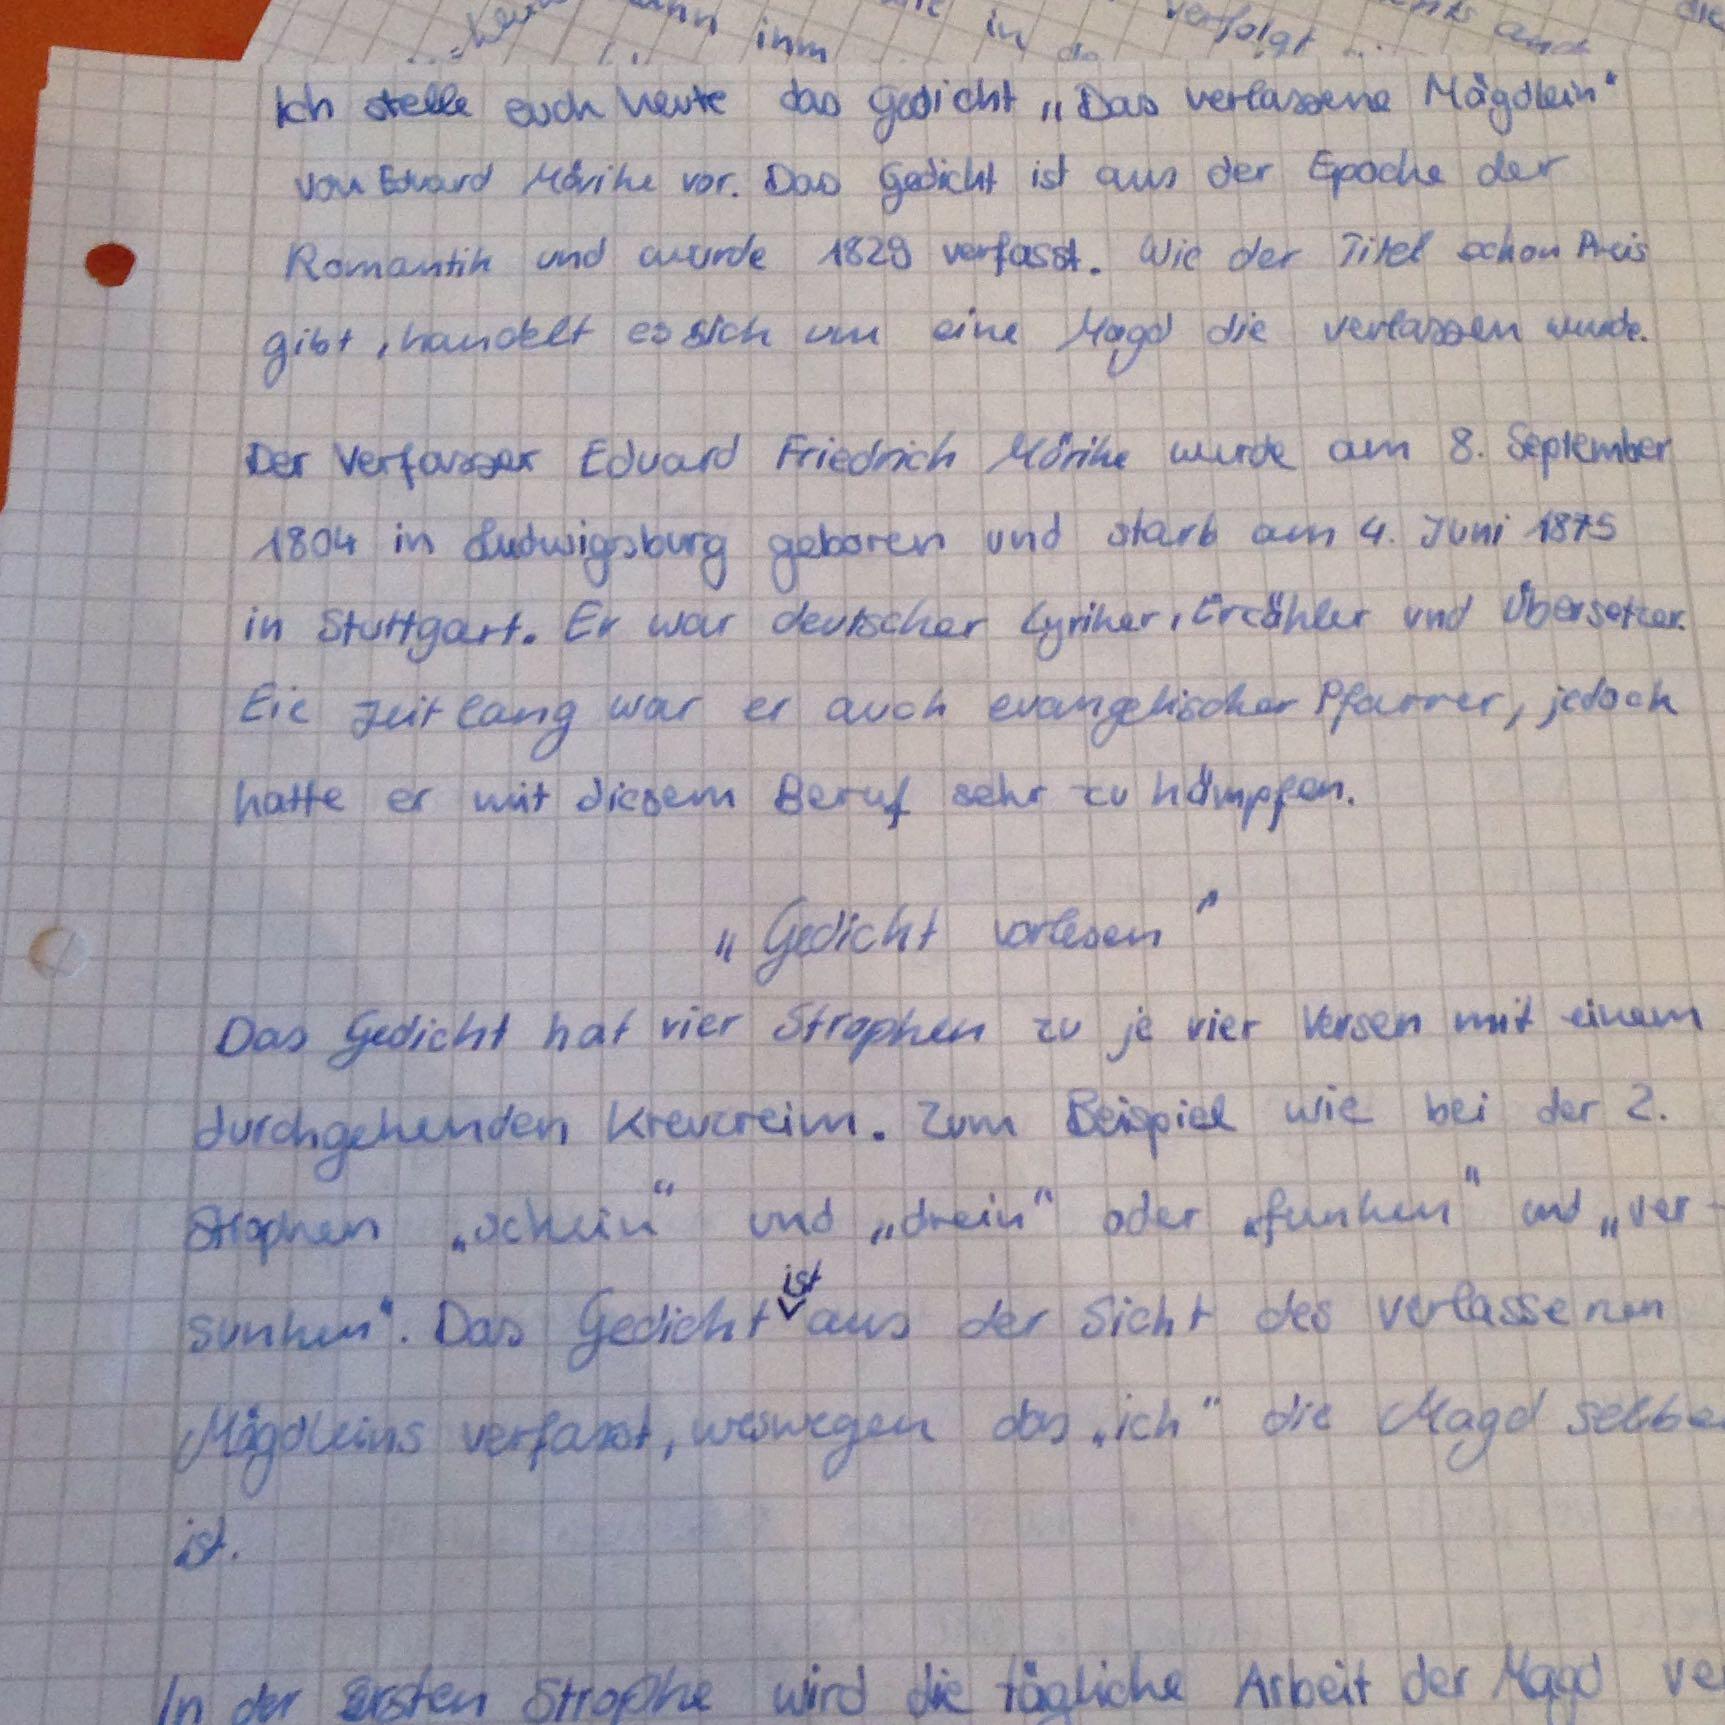 Gedichts Interpretation Passt Des Schule Mädchen Deutsch